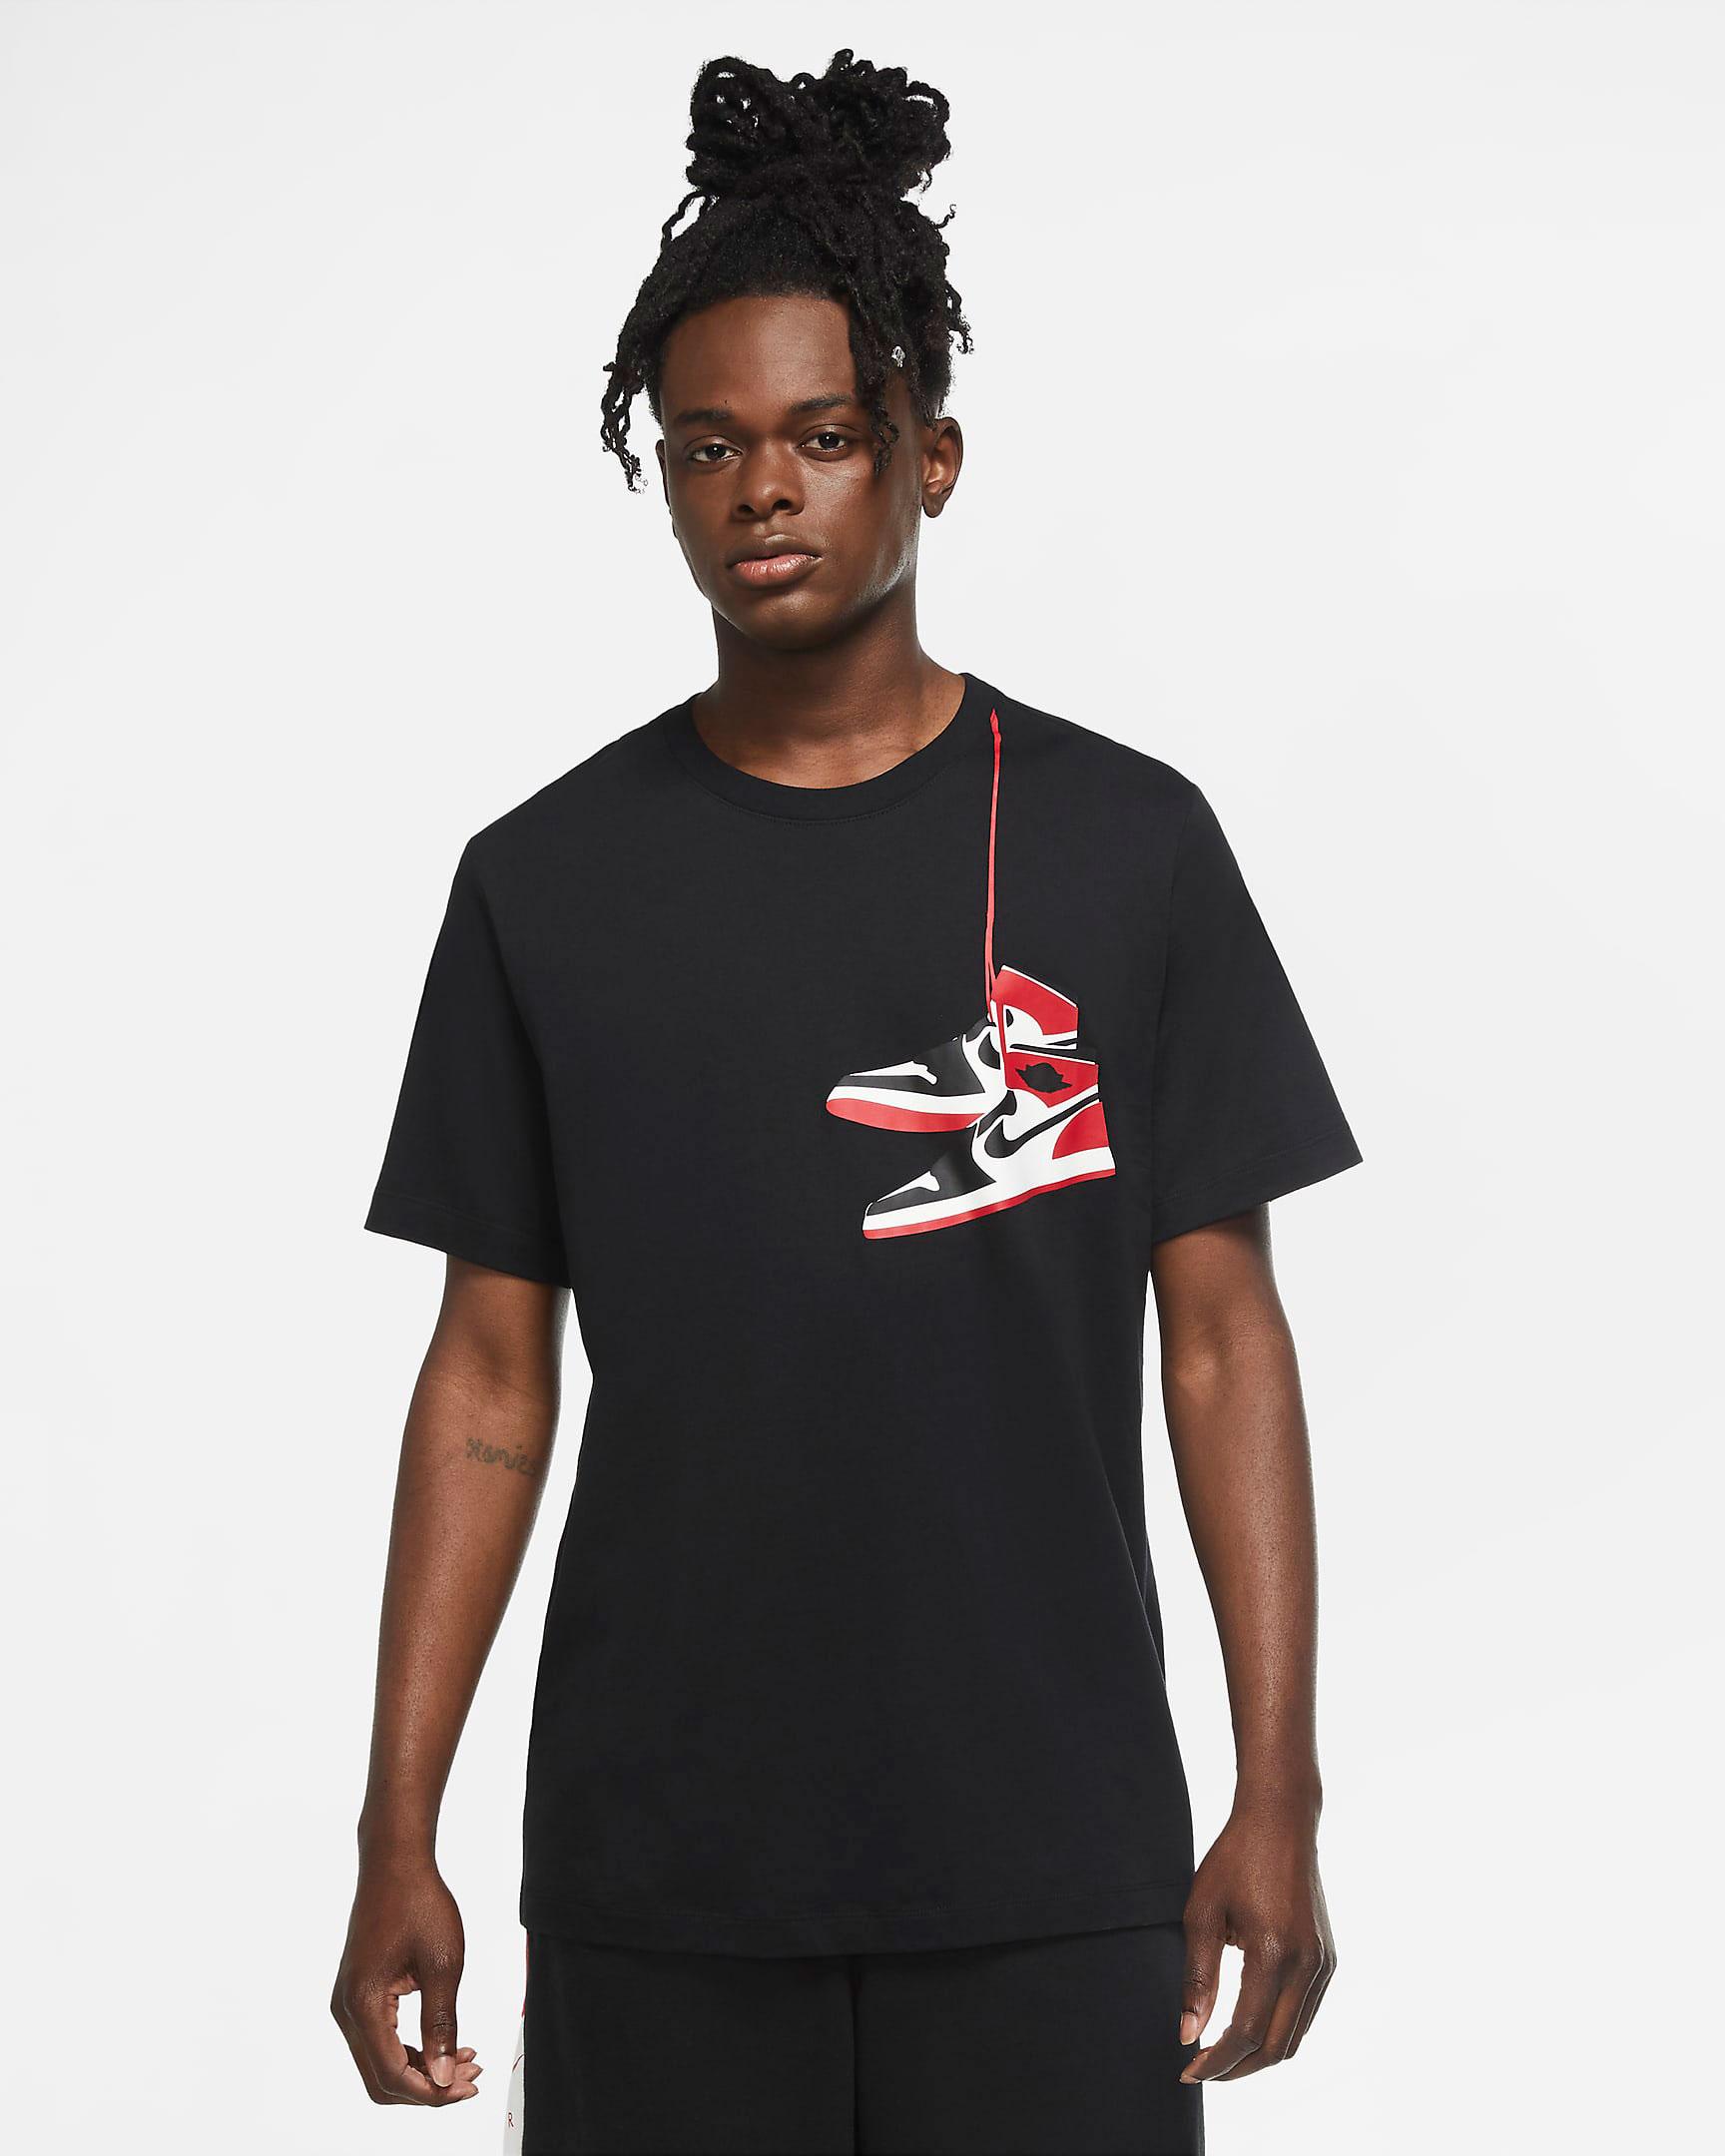 jordan-1-chicago-shoe-shirt